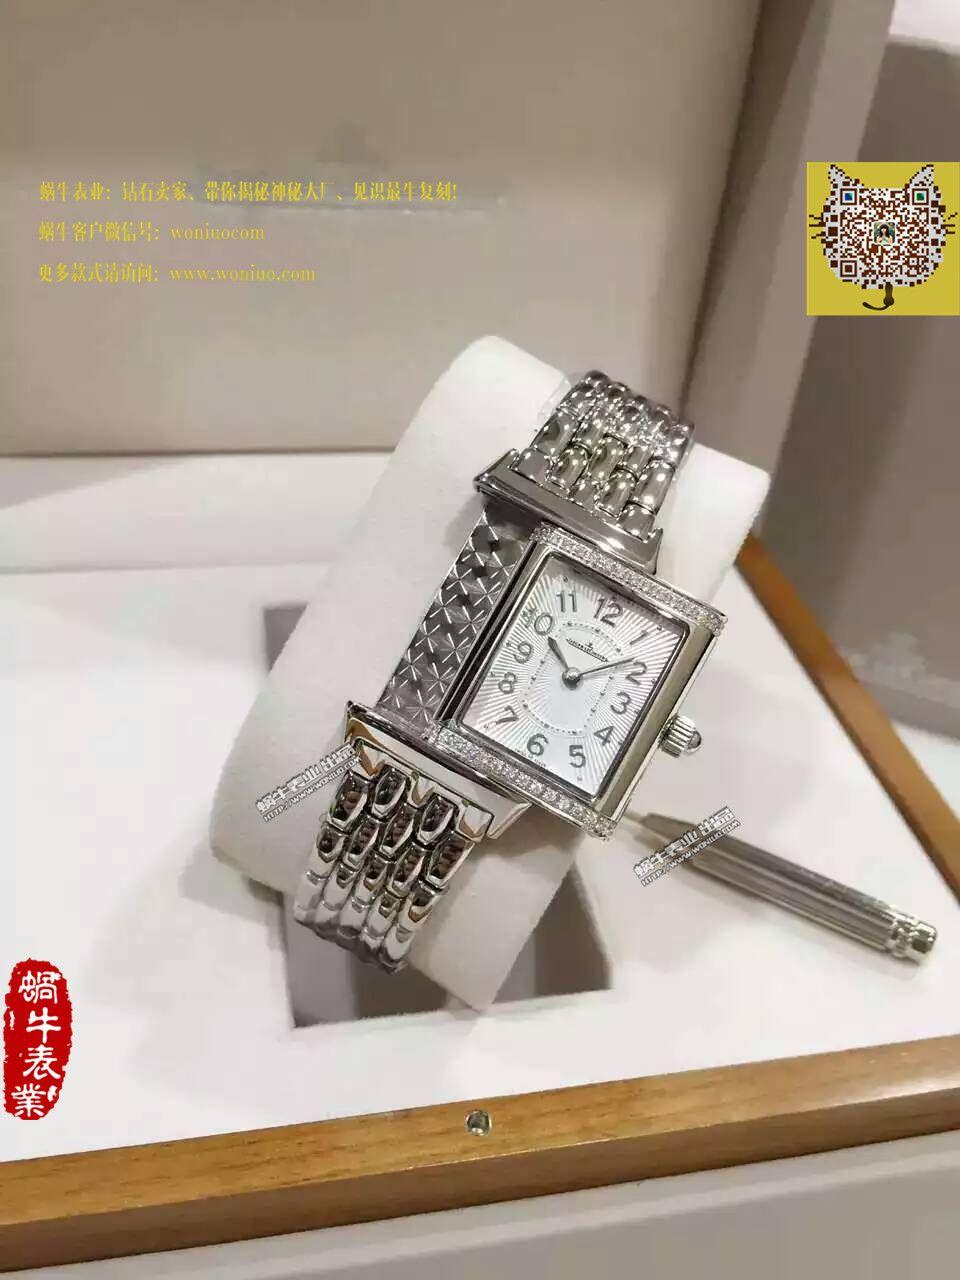 【一比一超A高仿手表】积家翻转系列腕表系列Q3208121女士腕表